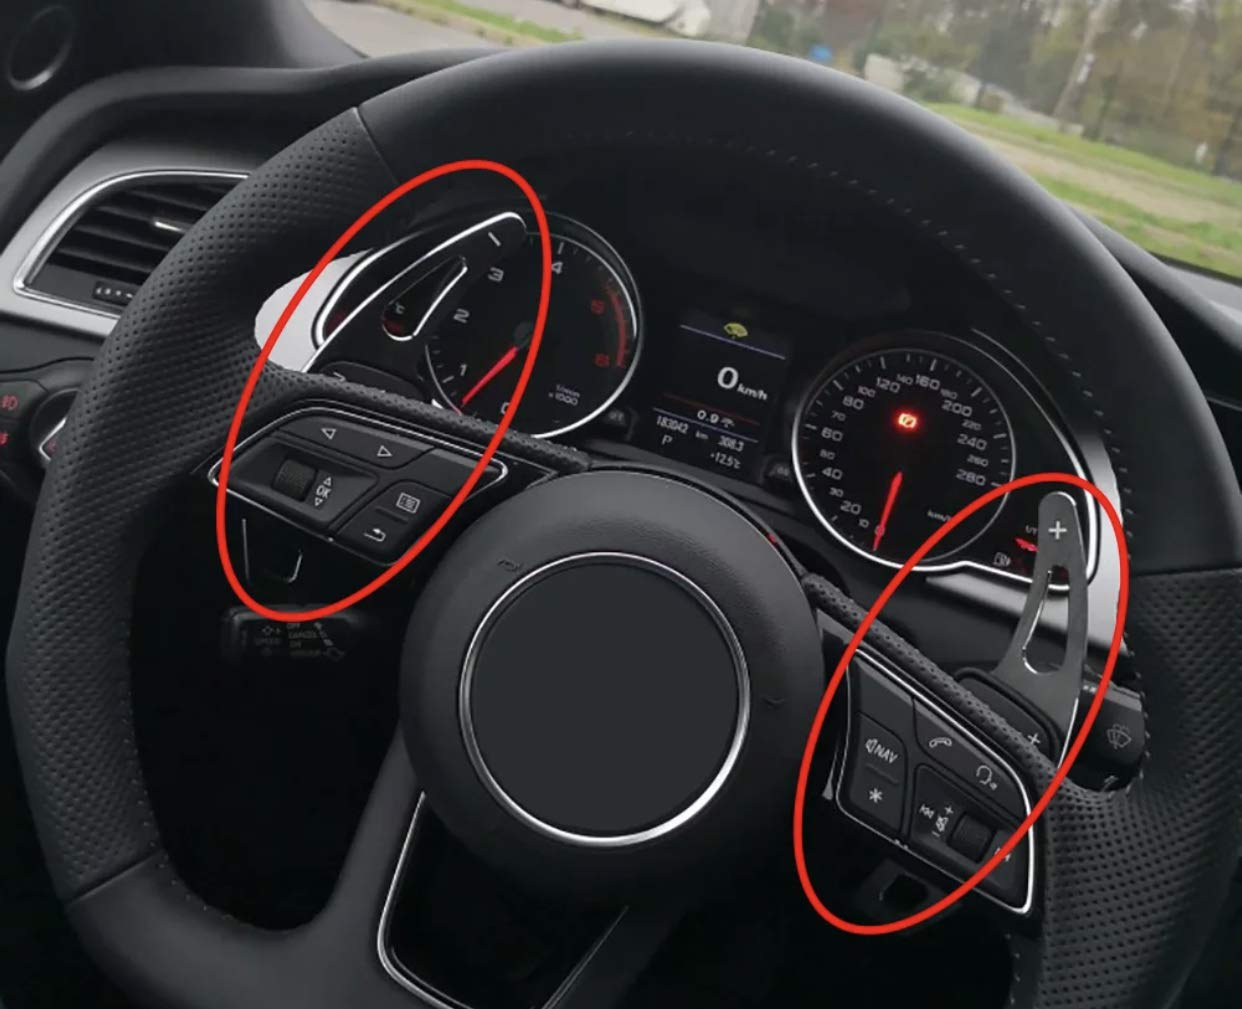 Schaltwippen Verl/ängerung Shift Paddels in Schwarz Passend F/ür A1 A3 A4 A5 A6 A7 Q3 Q5